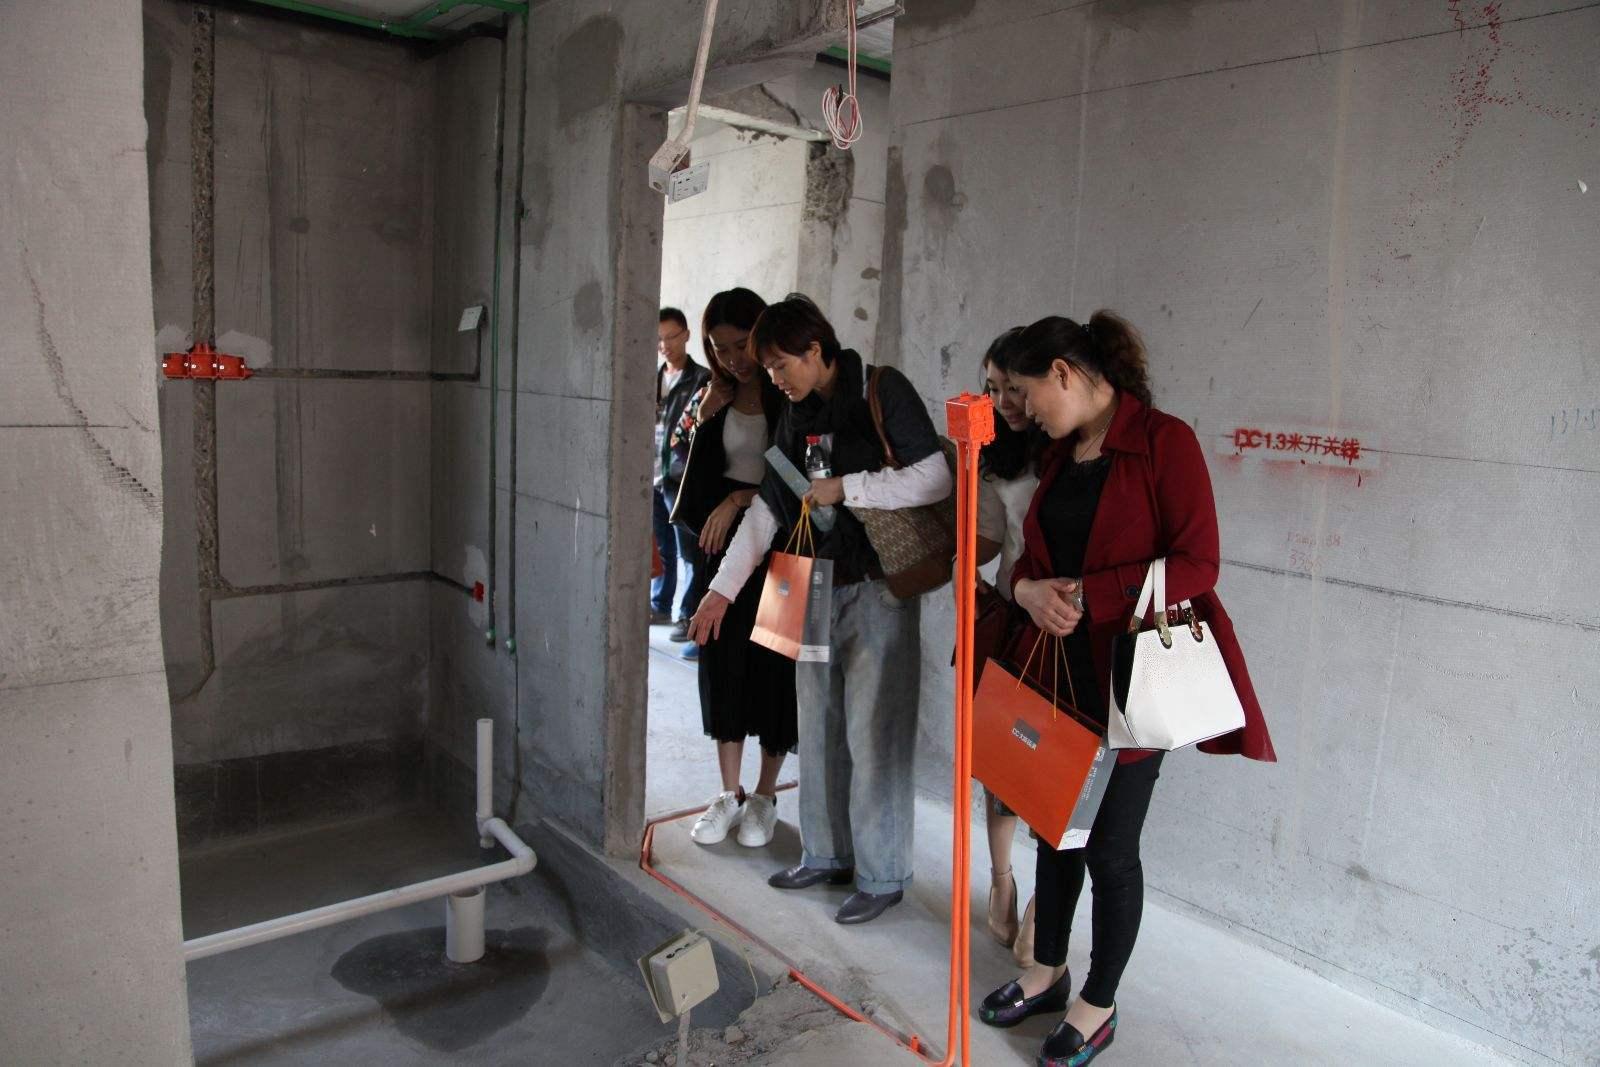 买房子要不要选择带下沉式卫生间的?下沉式卫生间有哪些优缺点?